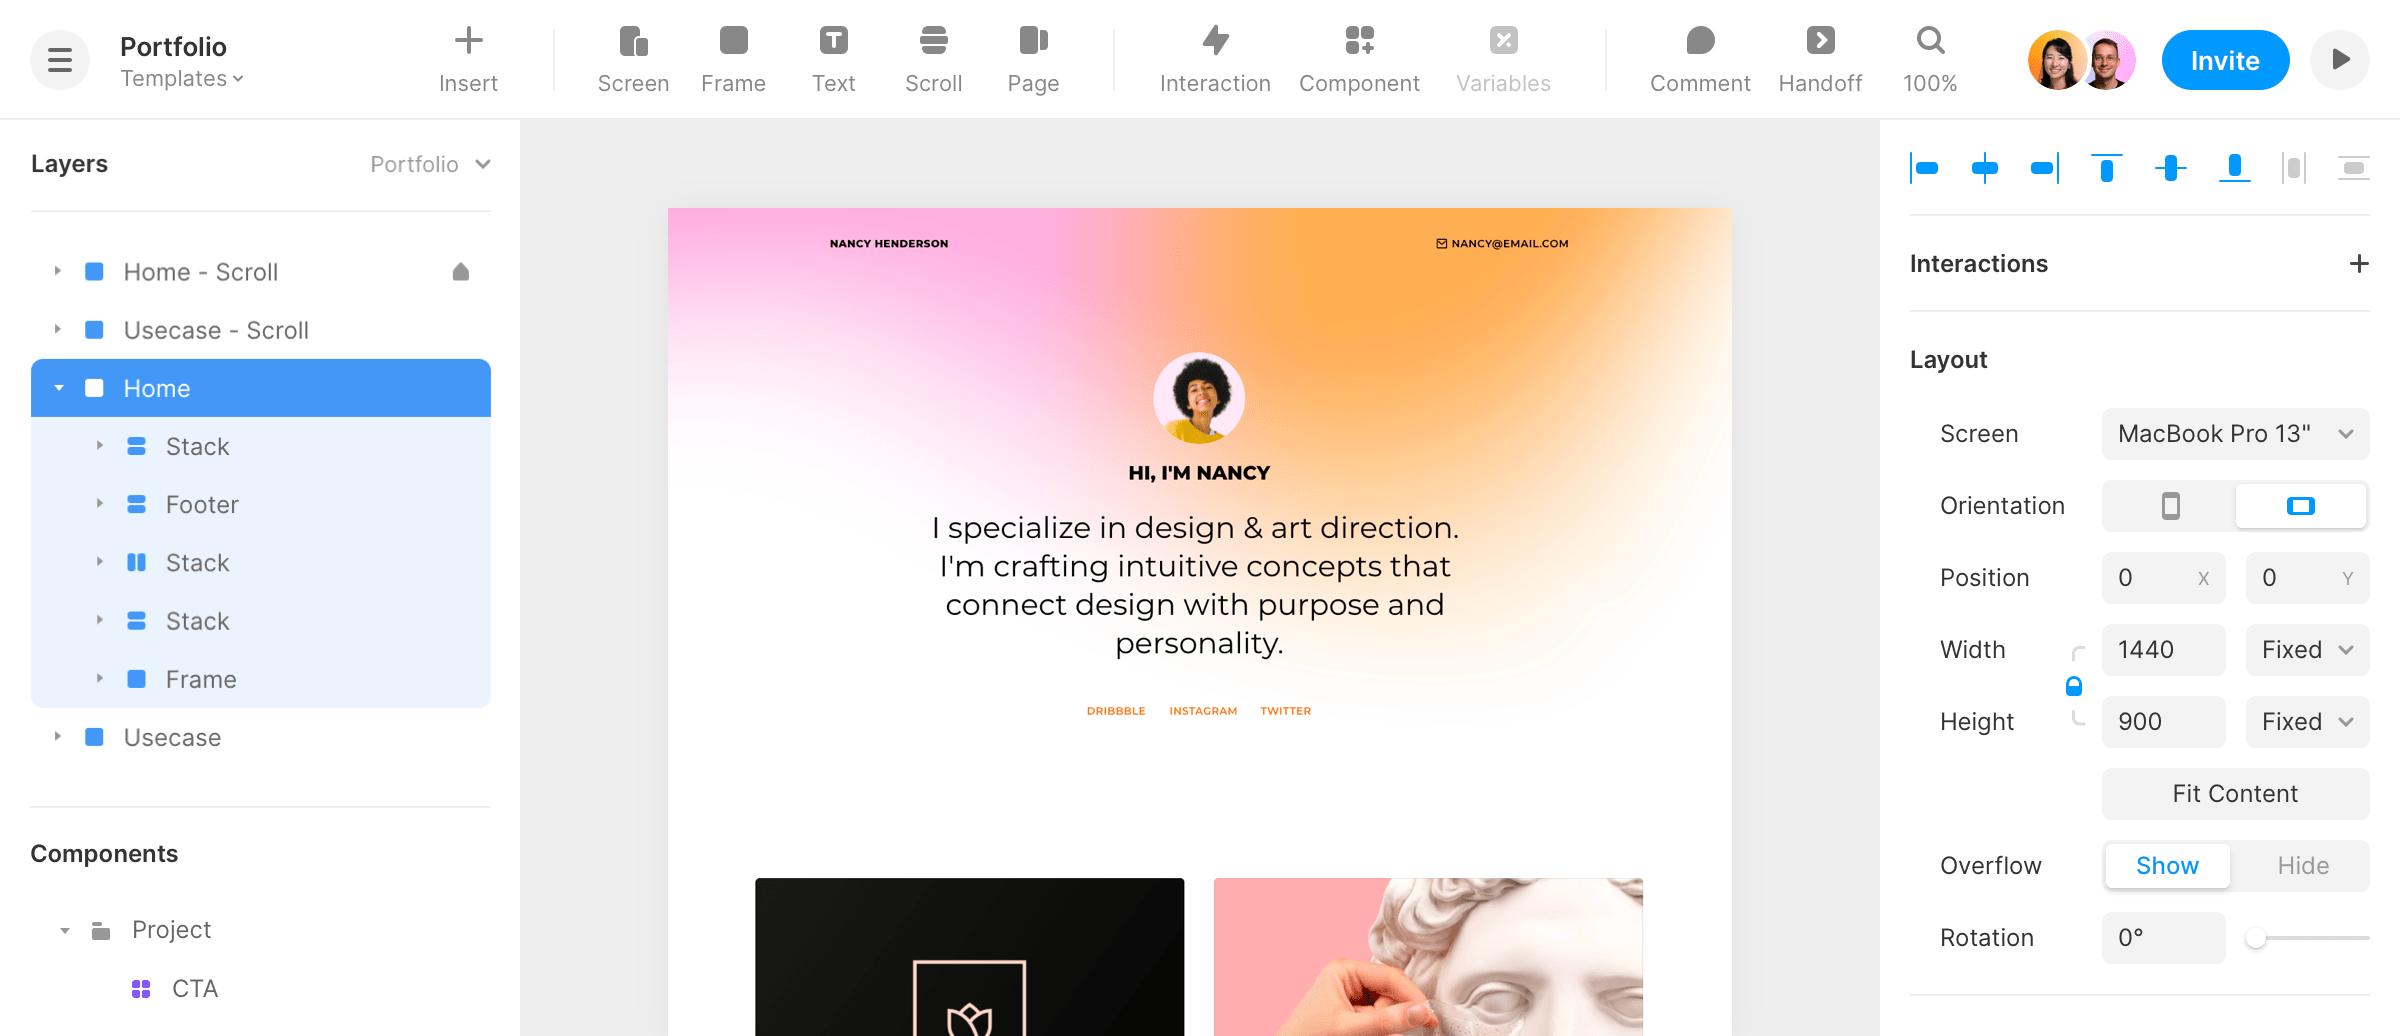 Portfolio template in Framer